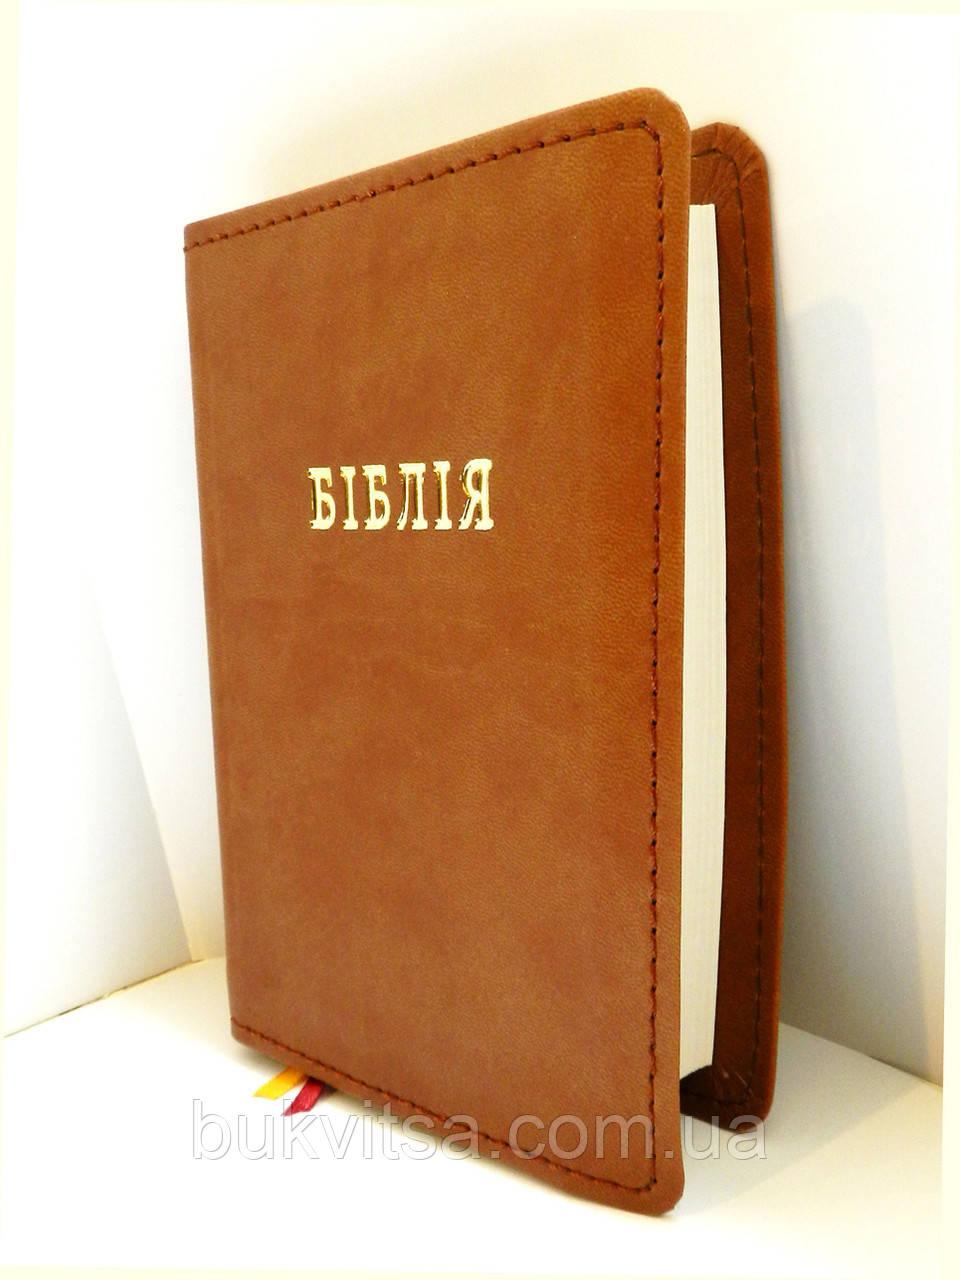 Біблія, 13х18 см, шкірзамінник, кольори в асортименті